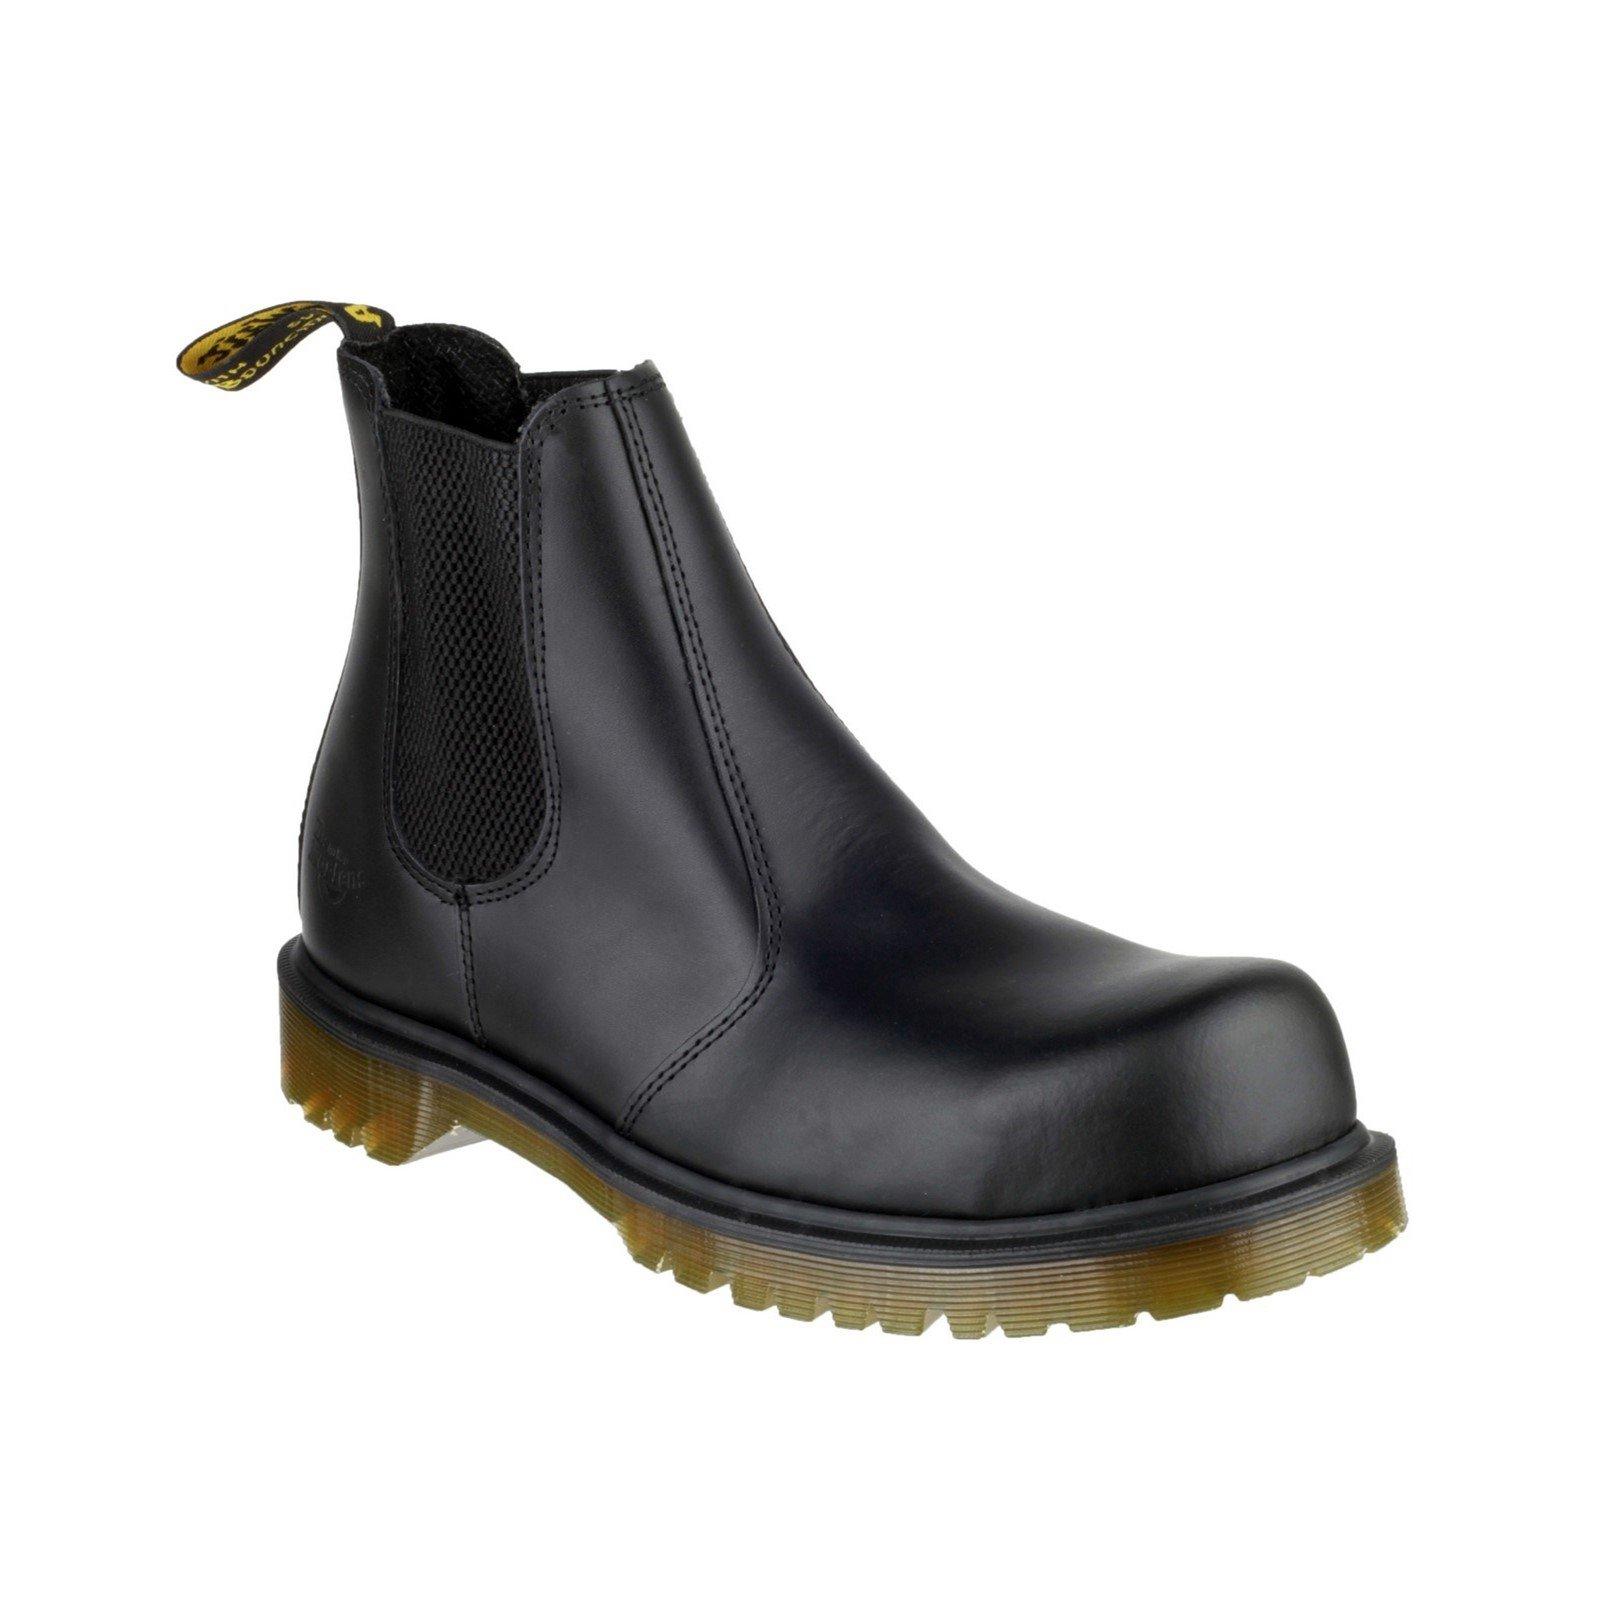 Dr Martens Unisex Dealer Boot Black 00496 - Black 5